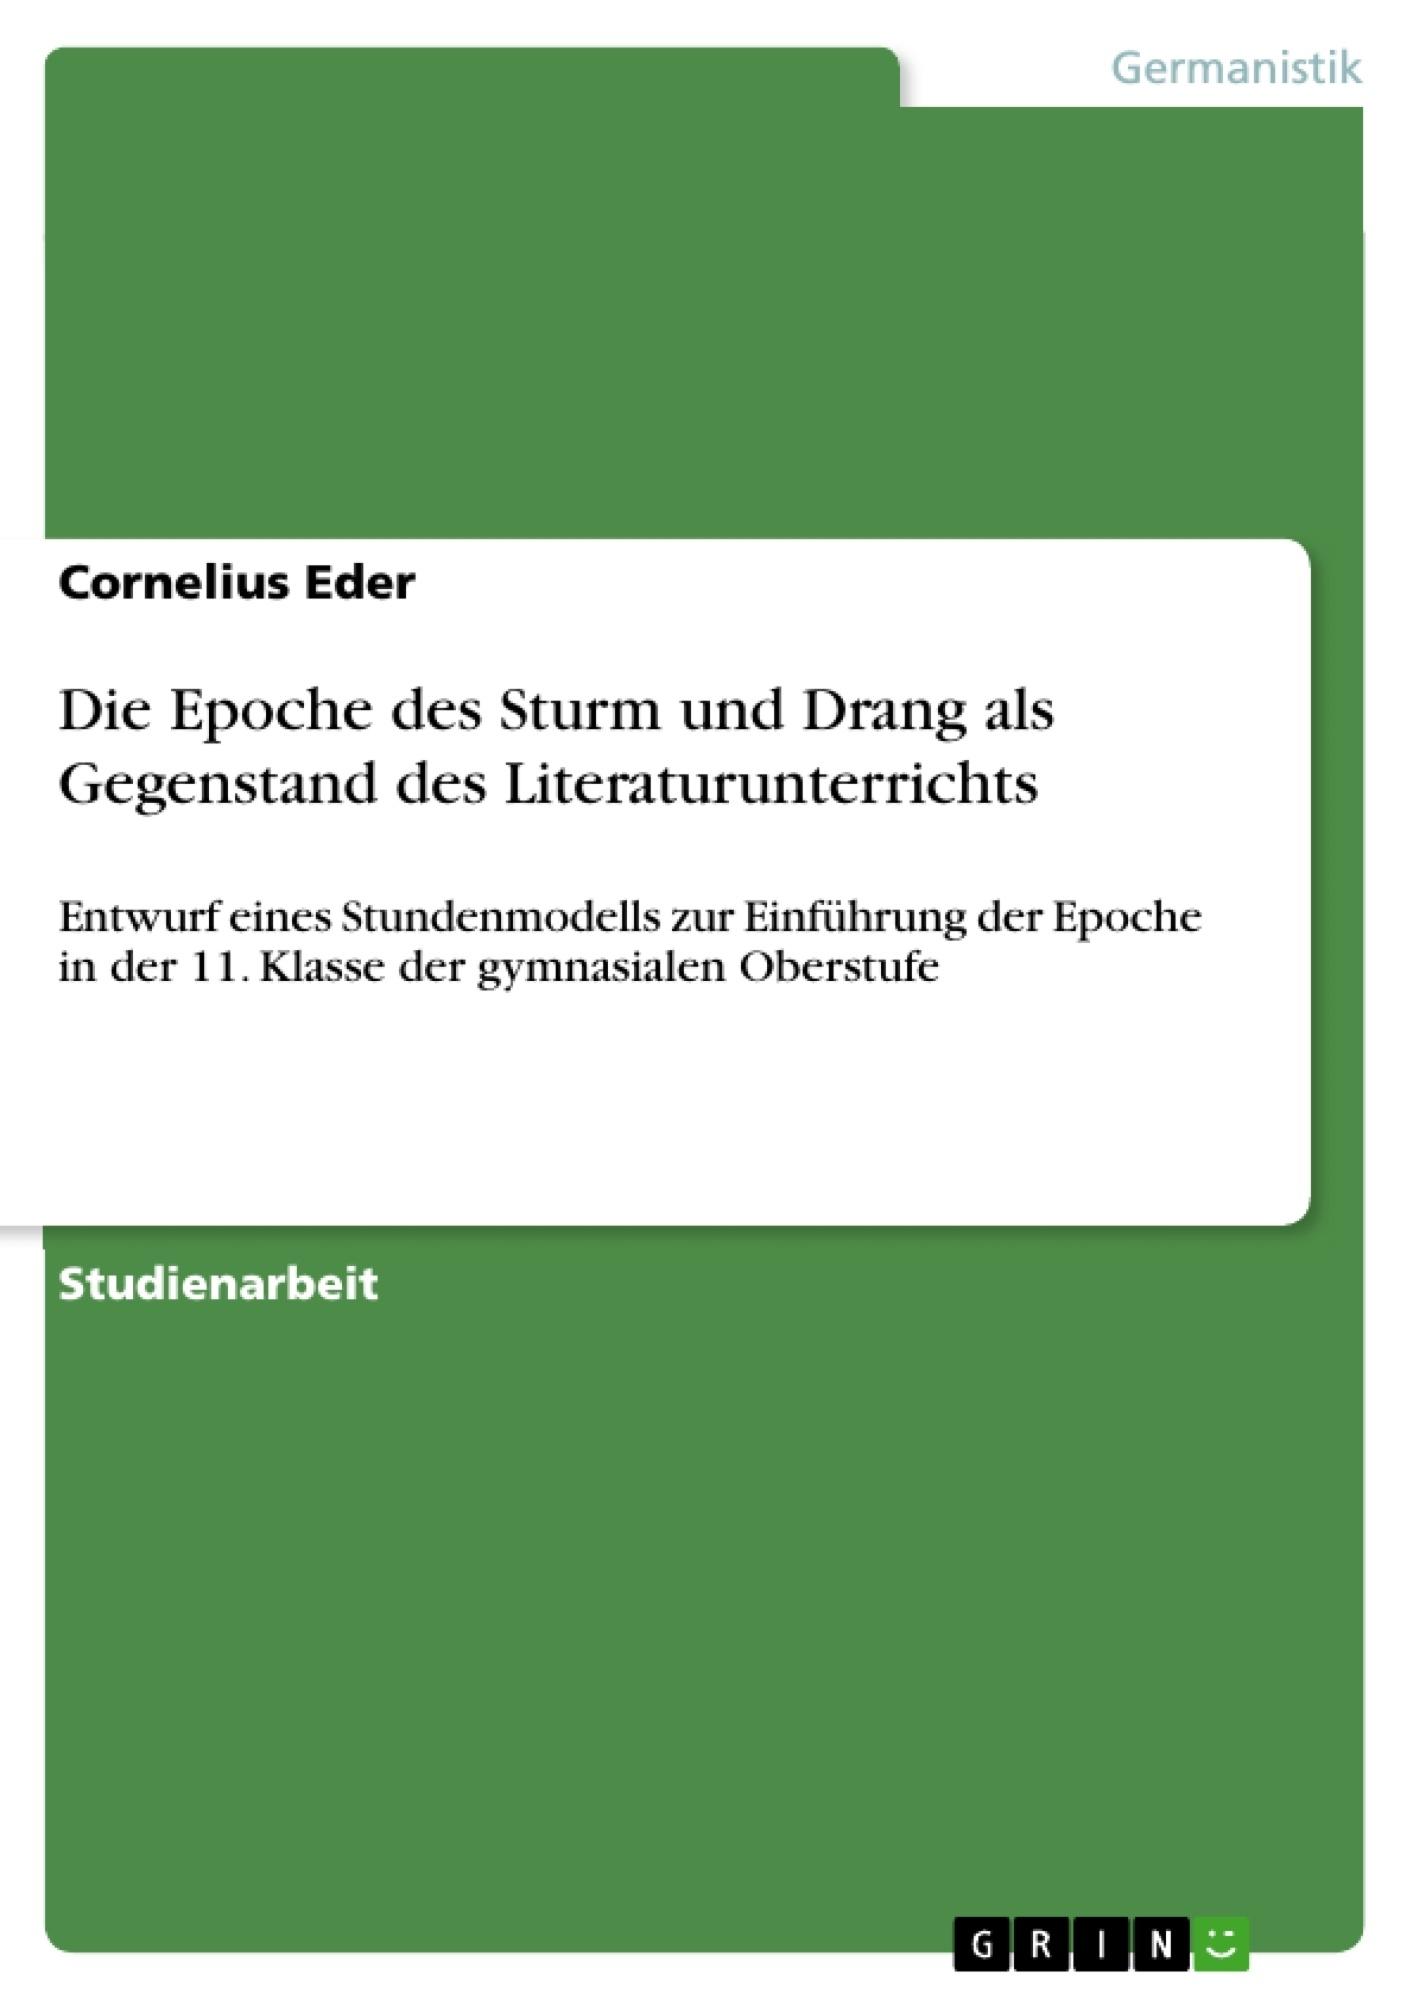 Titel: Die Epoche des Sturm und Drang als Gegenstand des Literaturunterrichts